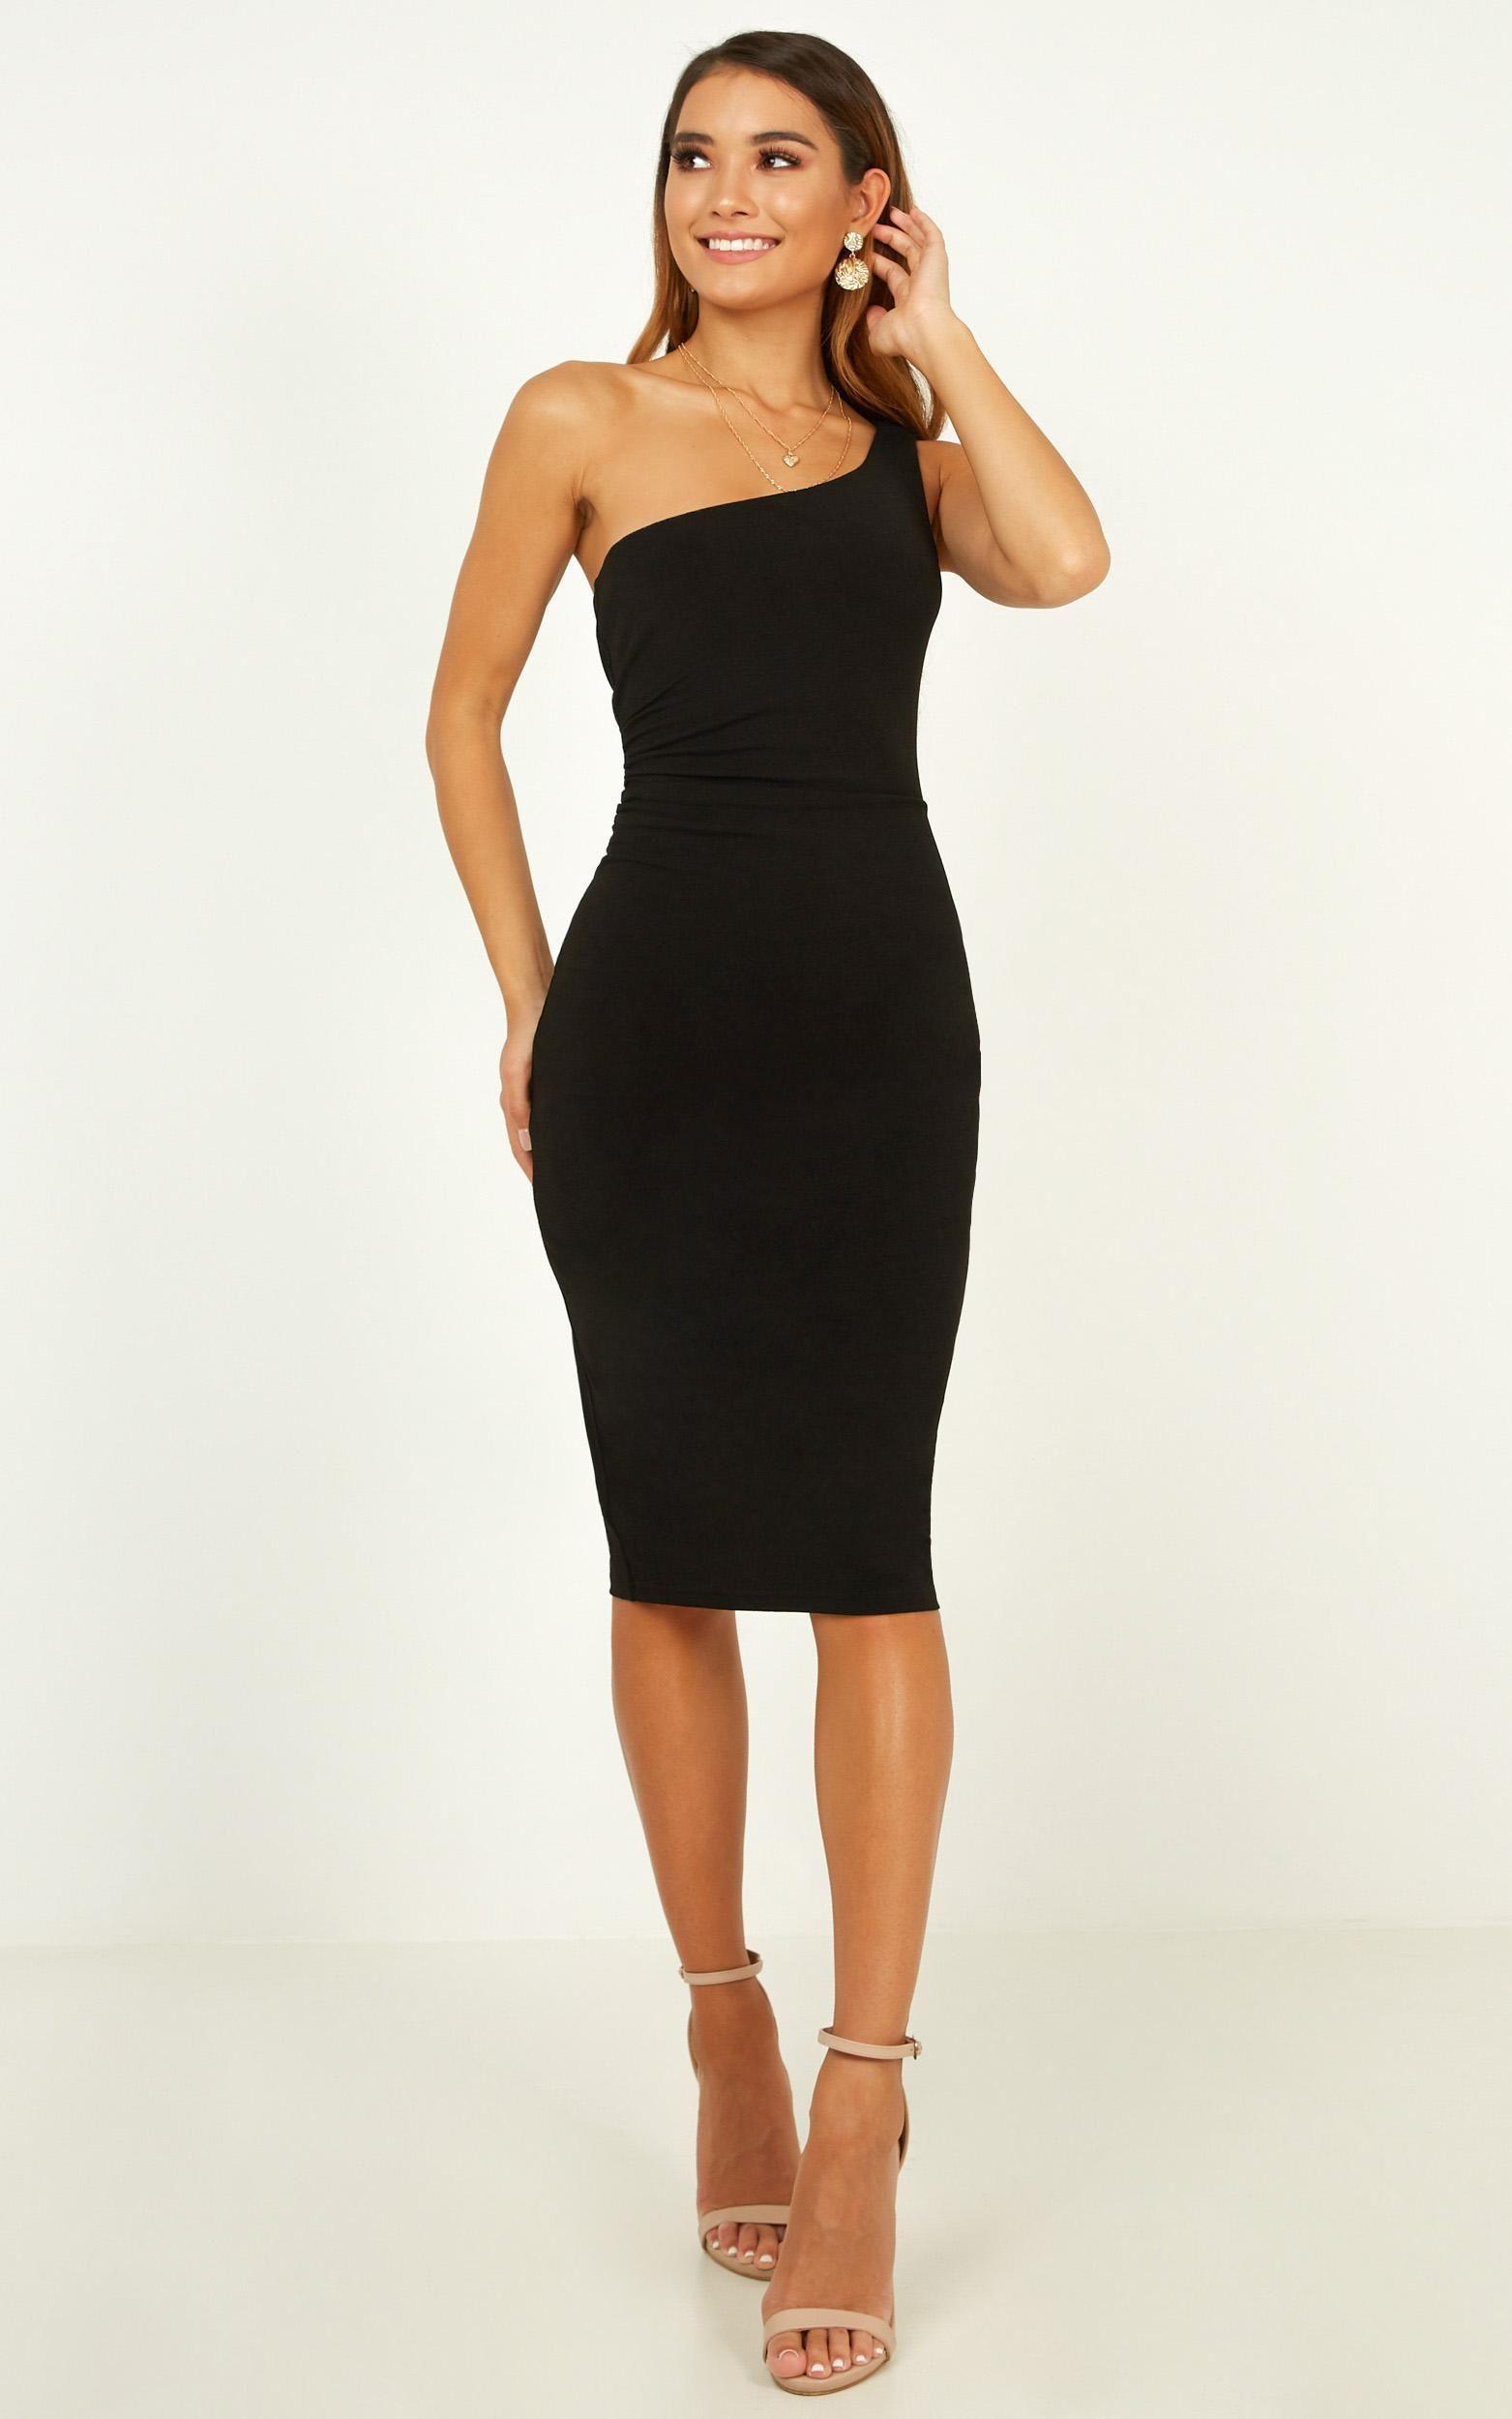 Got Me Looking Dress In Black Showpo Black Dress Women Dress Online Classy Dress [ 2500 x 1563 Pixel ]